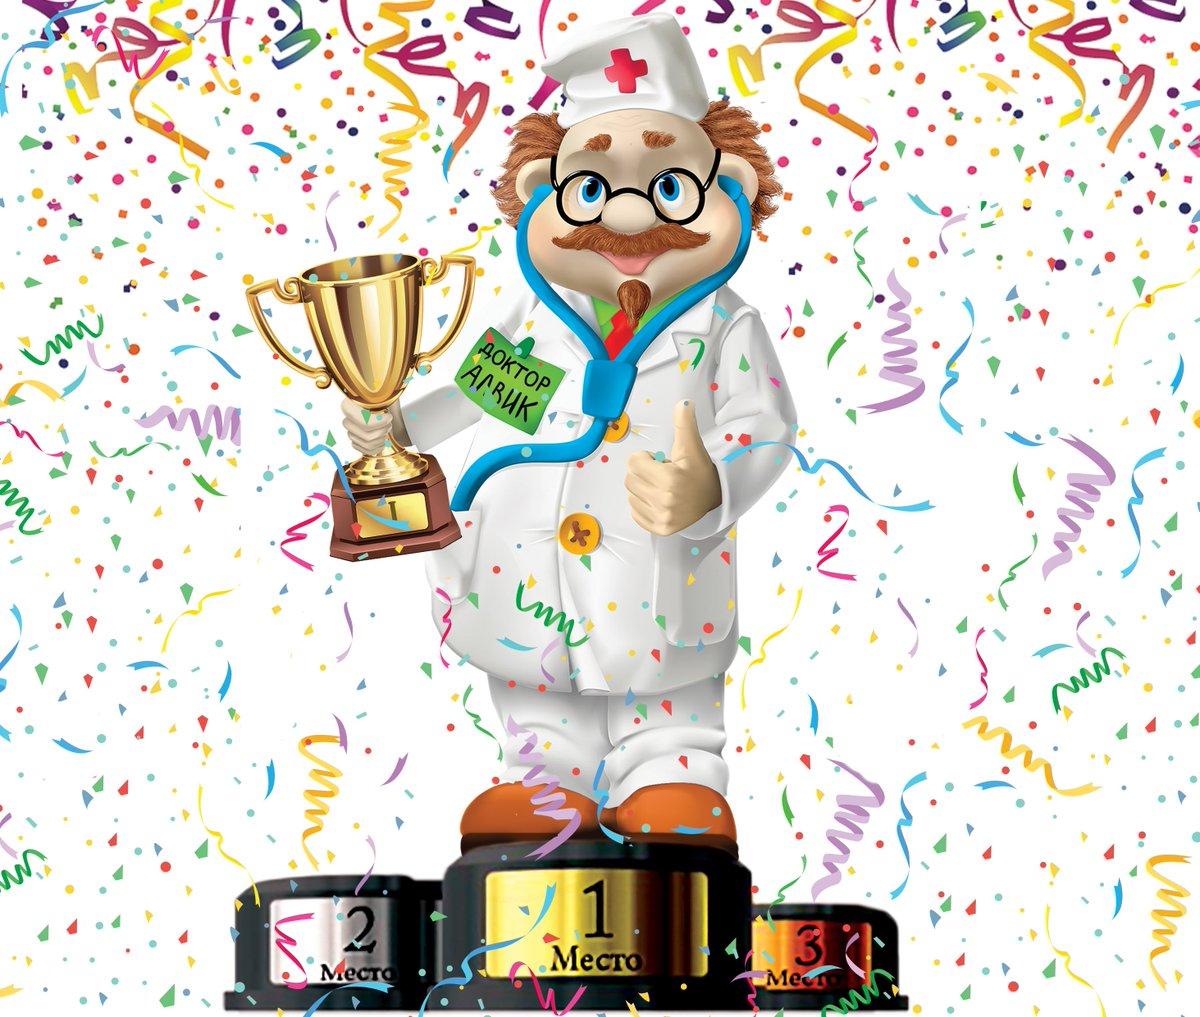 Поздравление на день рождения доктору мужчине